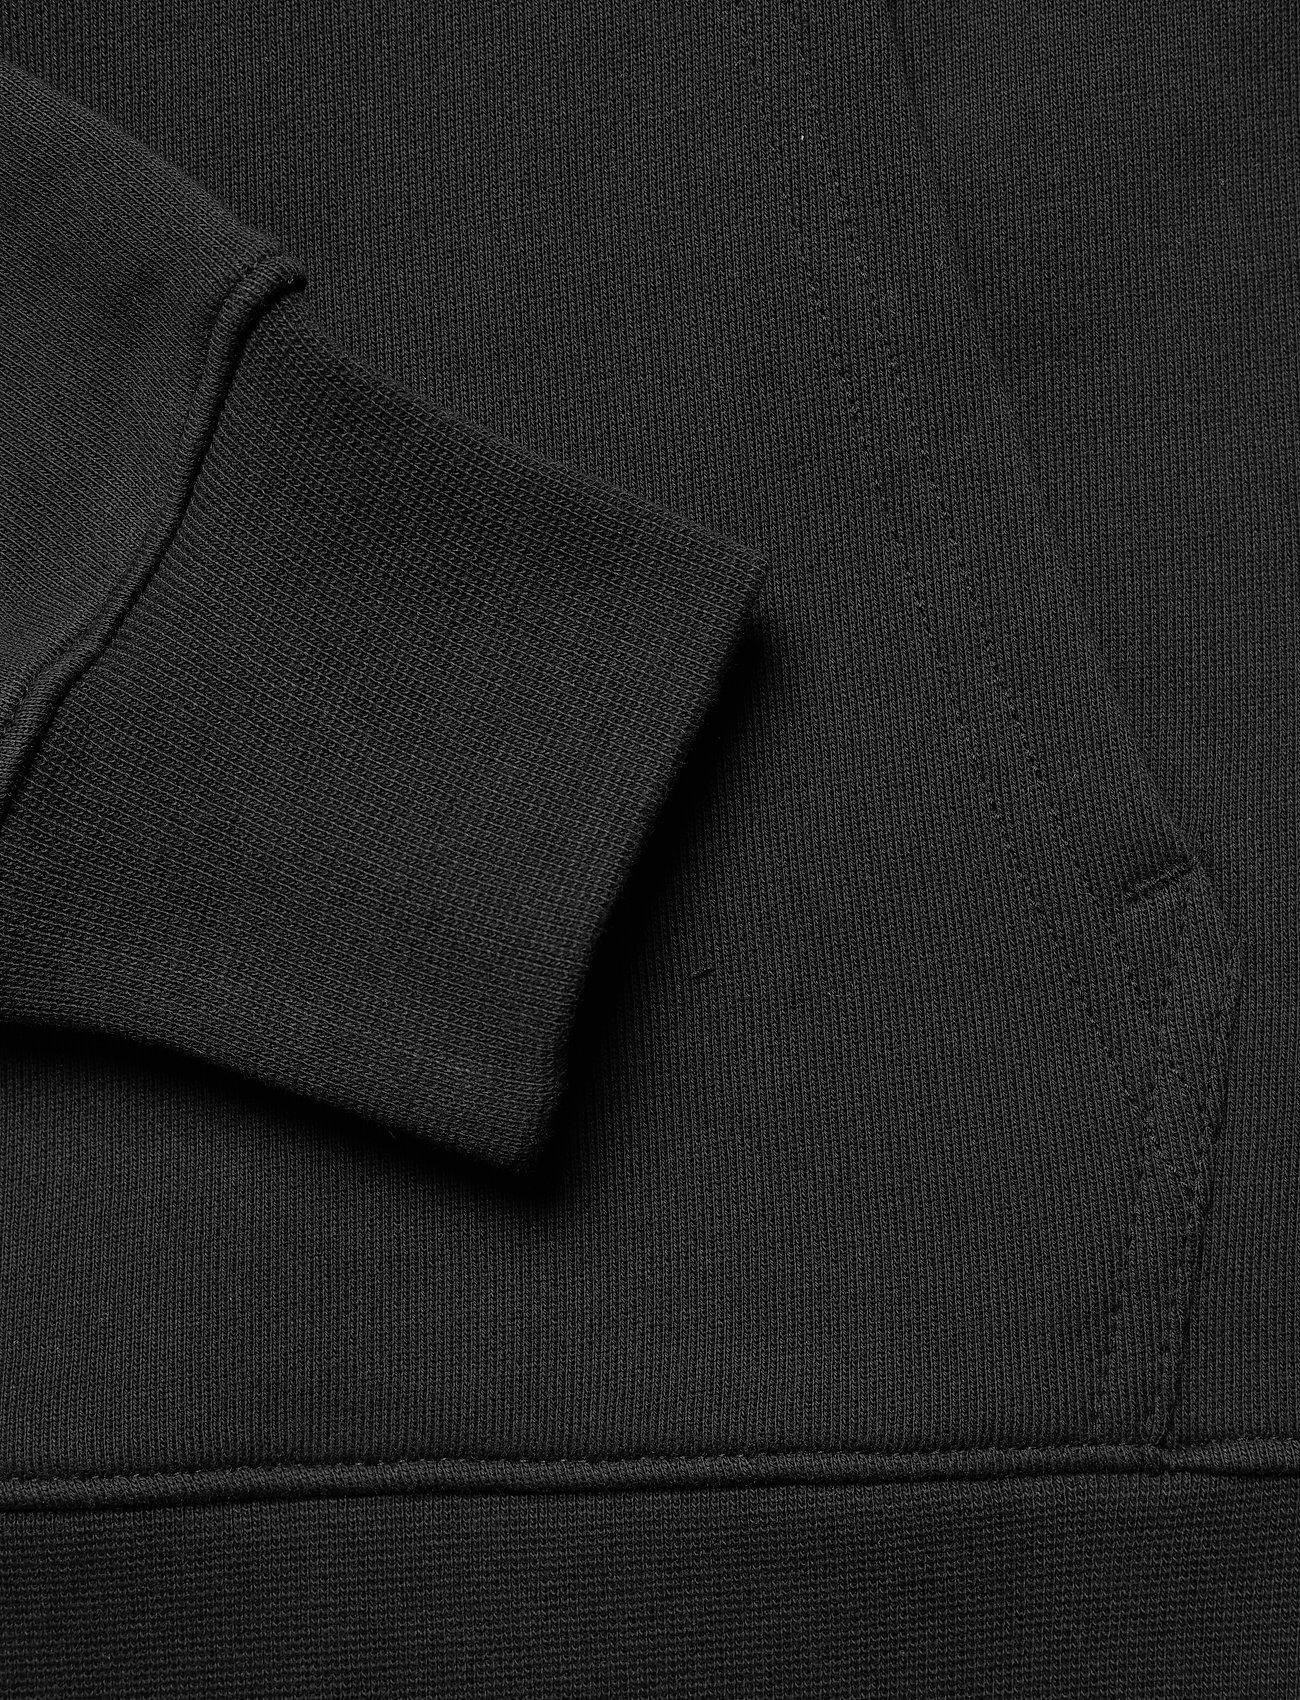 Calvin Klein Jeans - LOGO TRIM HOODIE - sweatshirts & hoodies - ck black - 3